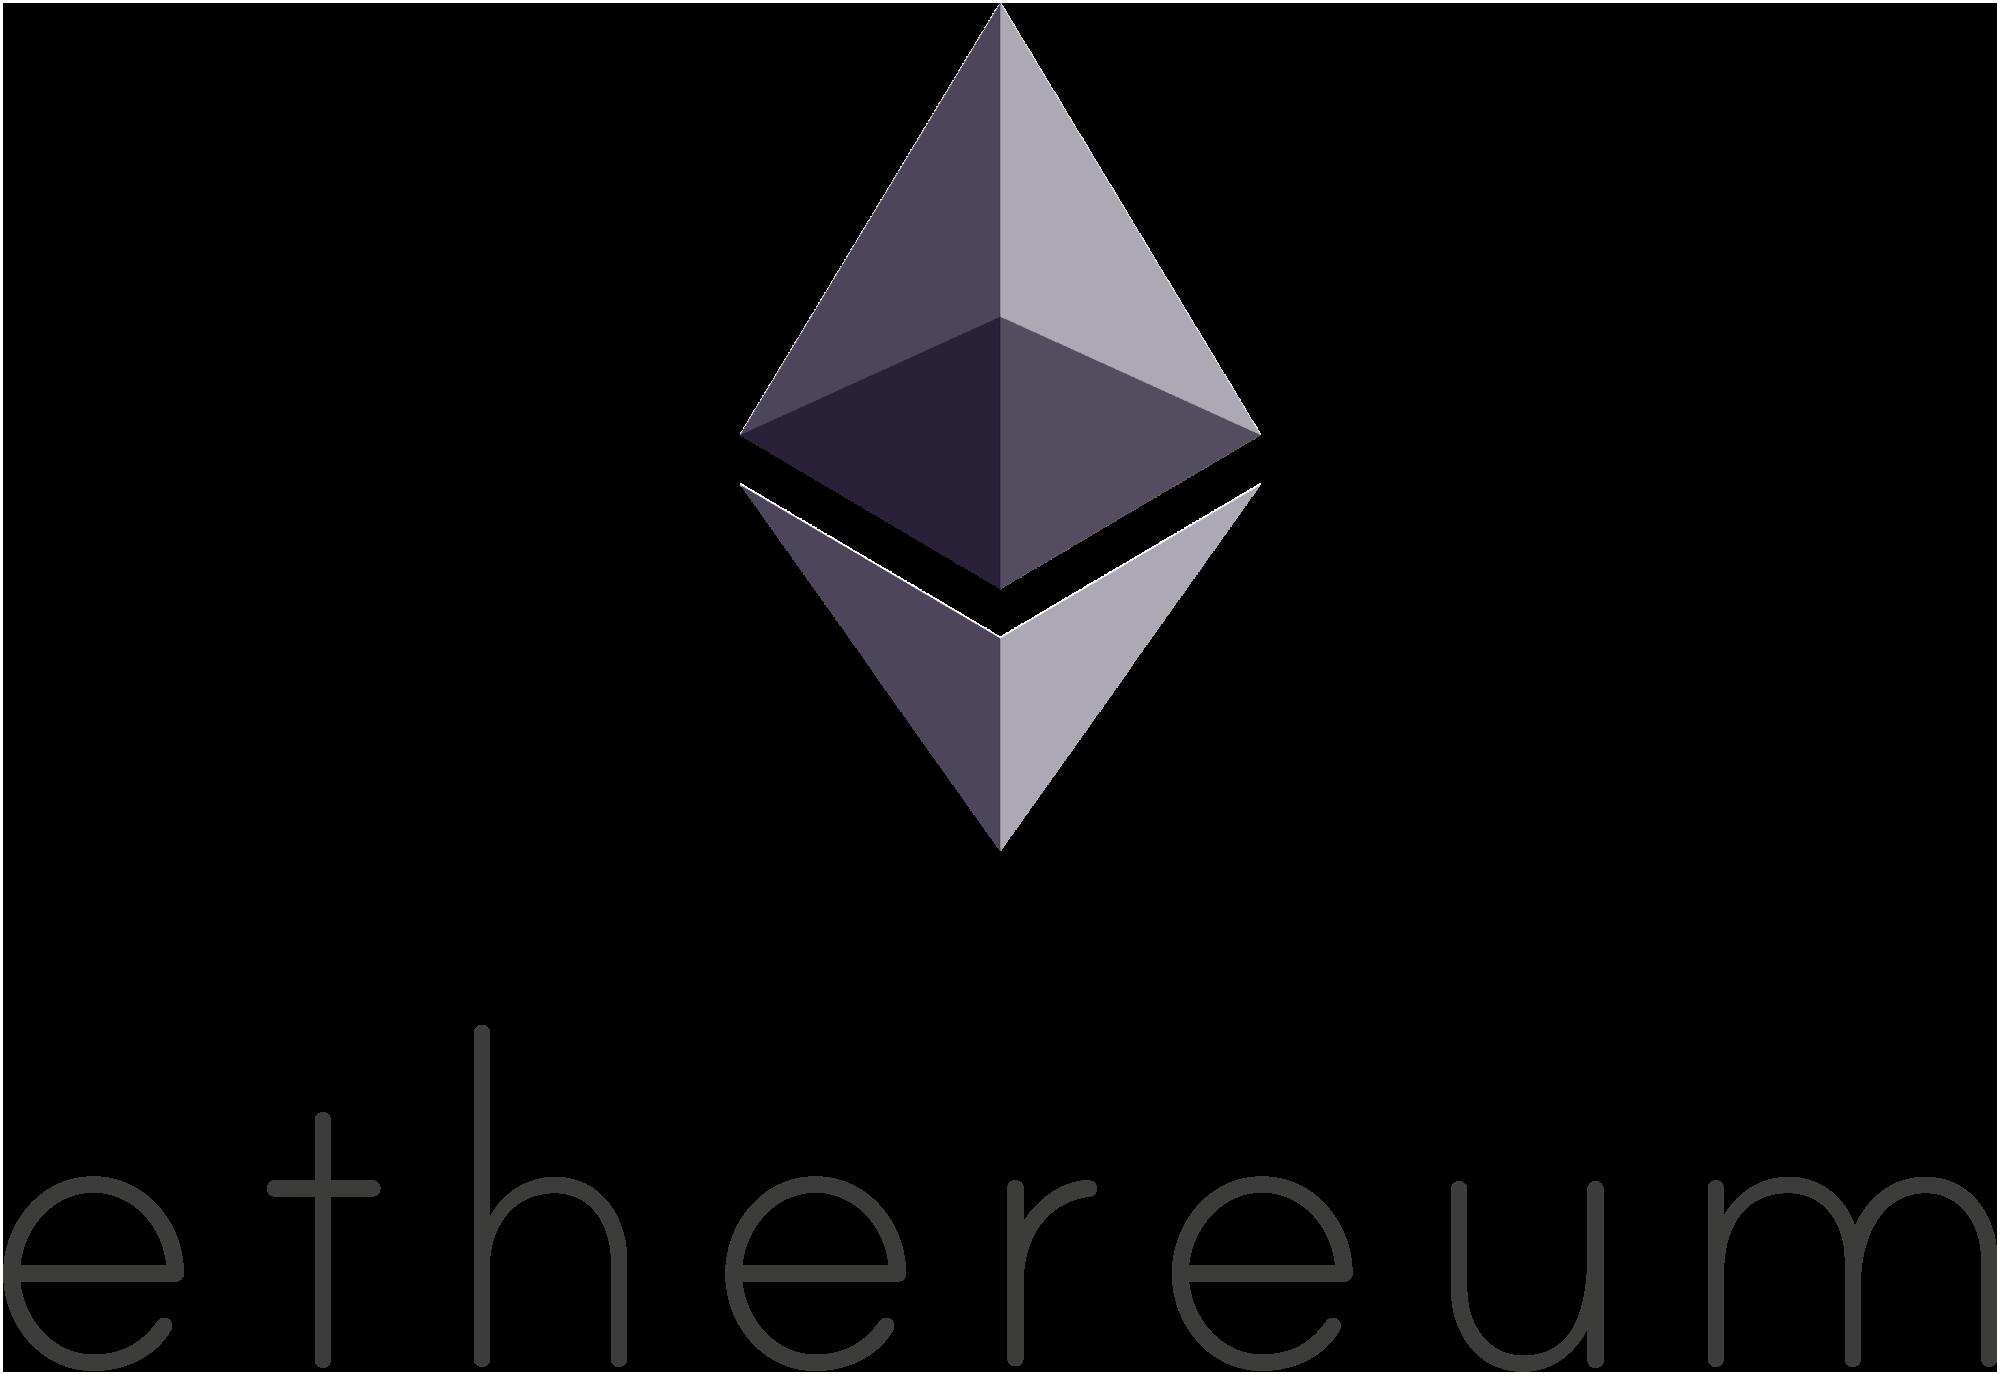 Investire in Ethereum è una buona mossa?